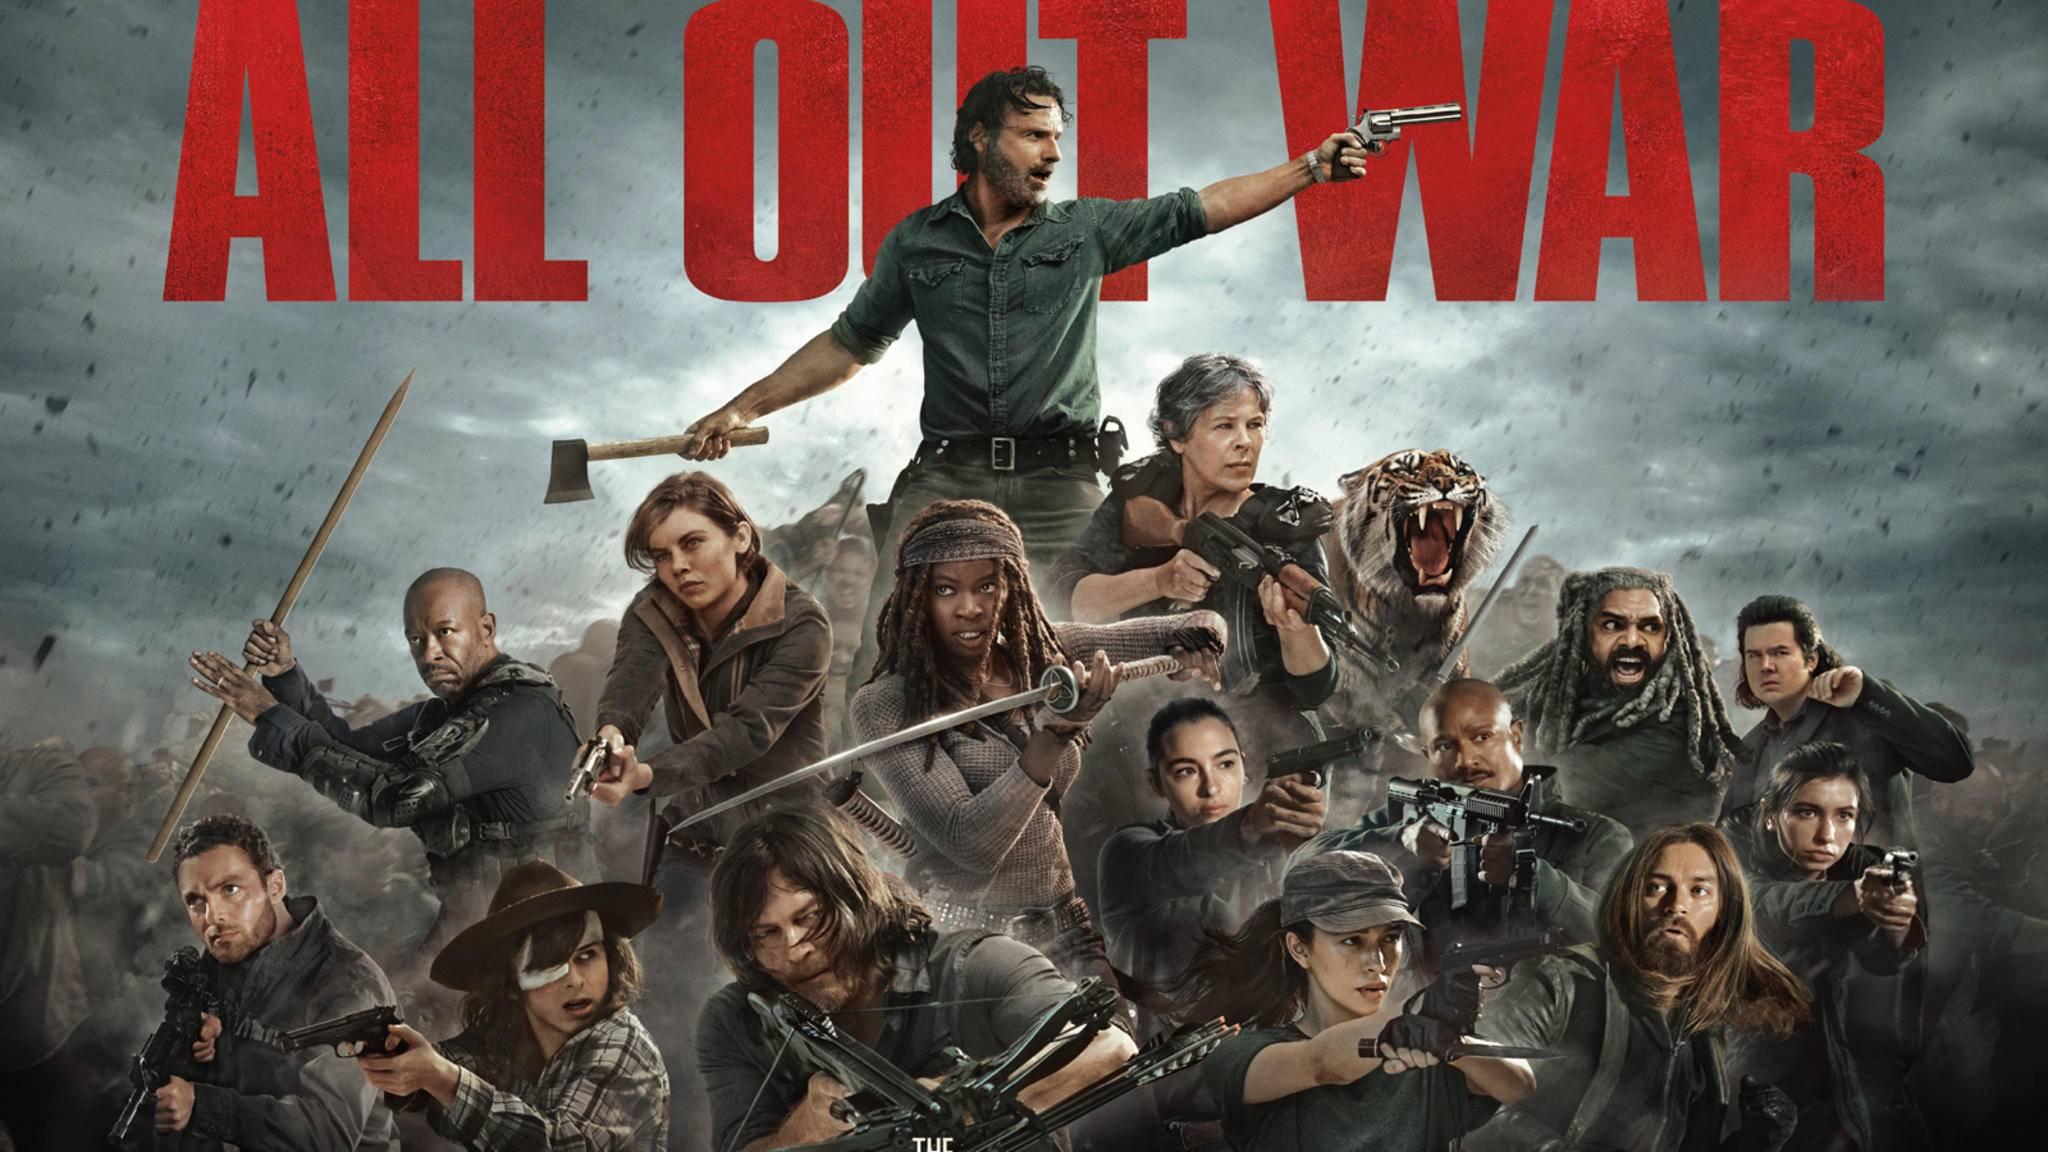 Inzwischen schlagen sich Rick Grimes und Co. seit neun Staffeln durch die Zombieapokalypse. Doch was ist in den einzelnen Seasons eigentlich passiert?